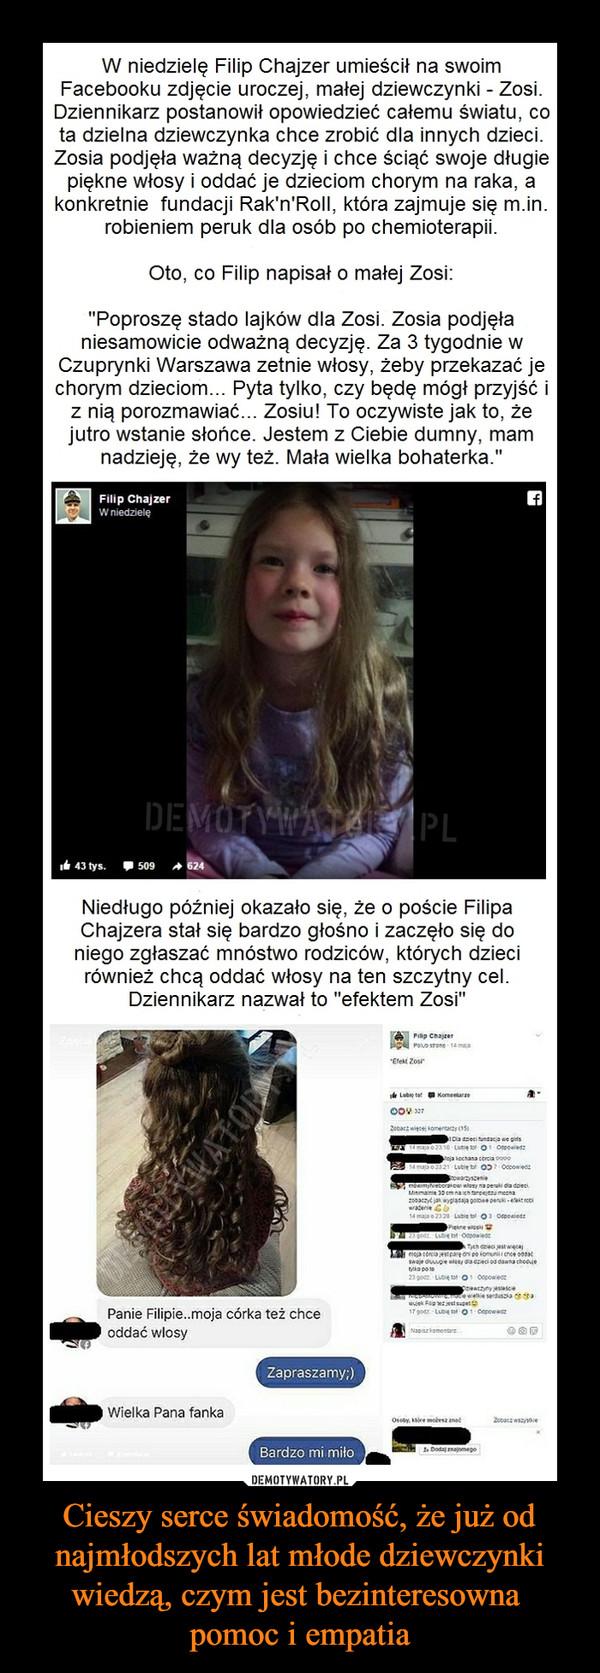 """Cieszy serce świadomość, że już od najmłodszych lat młode dziewczynki wiedzą, czym jest bezinteresowna pomoc i empatia –  W niedzielę Filip Chajzer umieścił na swoim Facebooku zdjęcie uroczej, małej dziewczynki - Zosi. Dziennikarz postanowił opowiedzieć całemu światu, co ta dzielna dziewczynka chce zrobić dla innych dzieci. Zosia podjęła ważną decyzję i chce ściąć swoje długie piękne włosy i oddać je dzieciom chorym na raka, a konkretnie fundacji Rak'n'Roll, która zajmuje się m.in. robieniem peruk dla osób po chemioterapii. Oto, co Filip napisał o małej Zosi: """"Poproszę stado lajków dla Zosi. Zosia podjęła niesamowicie odważną decyzję. Za 3 tygodnie w Czuprynki Warszawa zetnie włosy, żeby przekazać je chorym dzieciom... Pyta tylko, czy będę mógł przyjść i z nią porozmawiać... Zosiu! To oczywiste jak to, że jutro wstanie słońce. Jestem z Ciebie dumny, mam nadzieję, że wy też. Mała wielka bohaterka."""""""